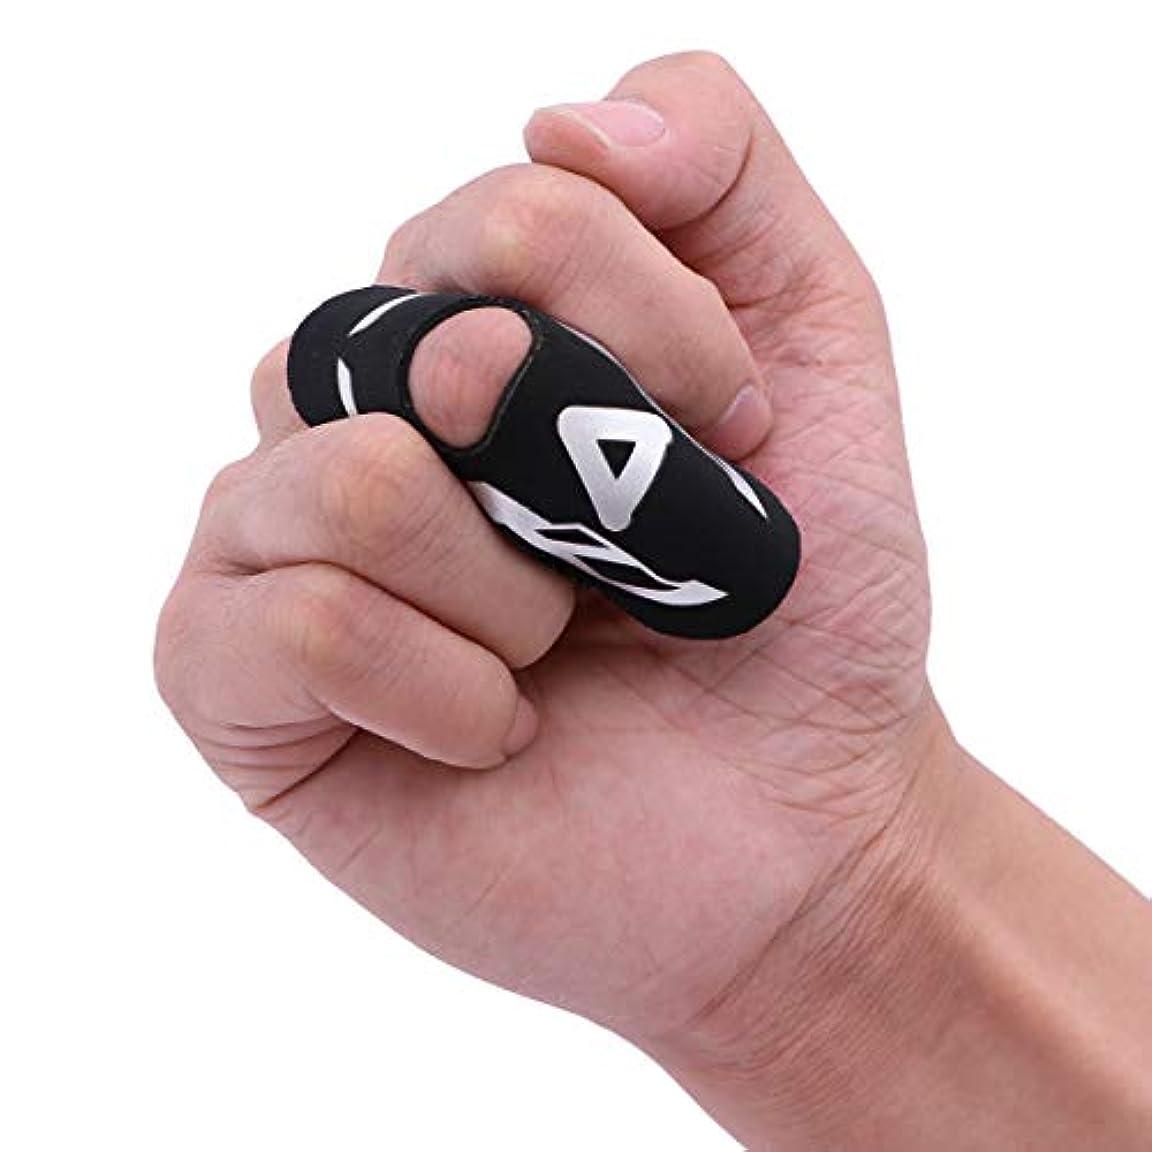 良い麻痺バーSUPVOX 指の添え木サポートトリガーマレット指ブレース腱痛みを和らげるサイズL/XL